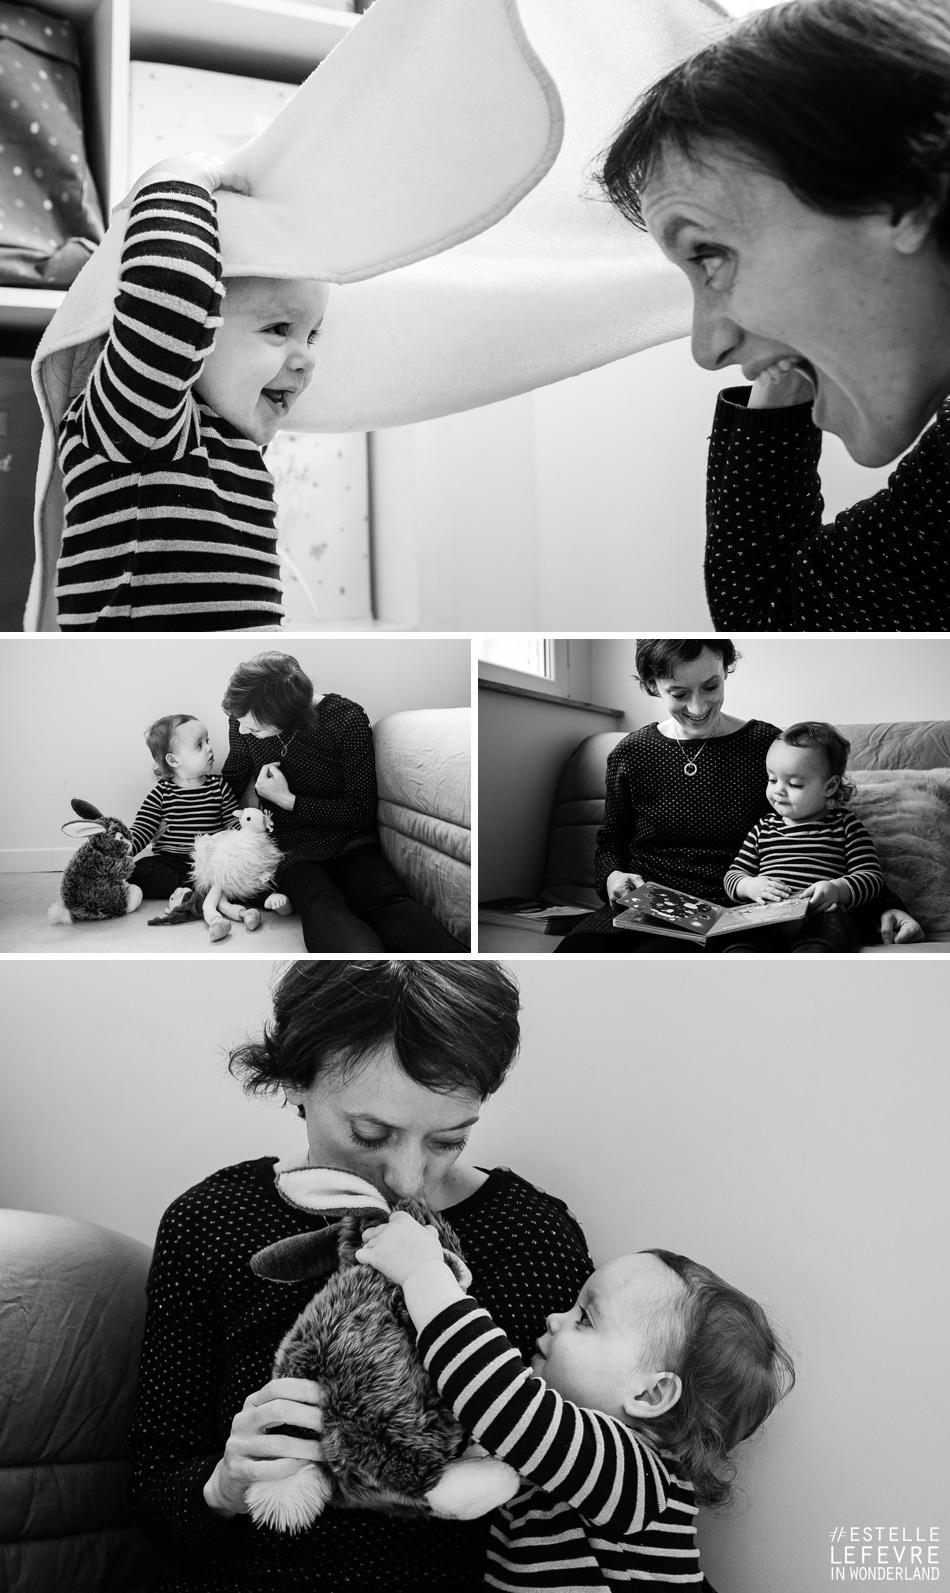 Séance photo en famille à domicile photographe Courbevoie 92